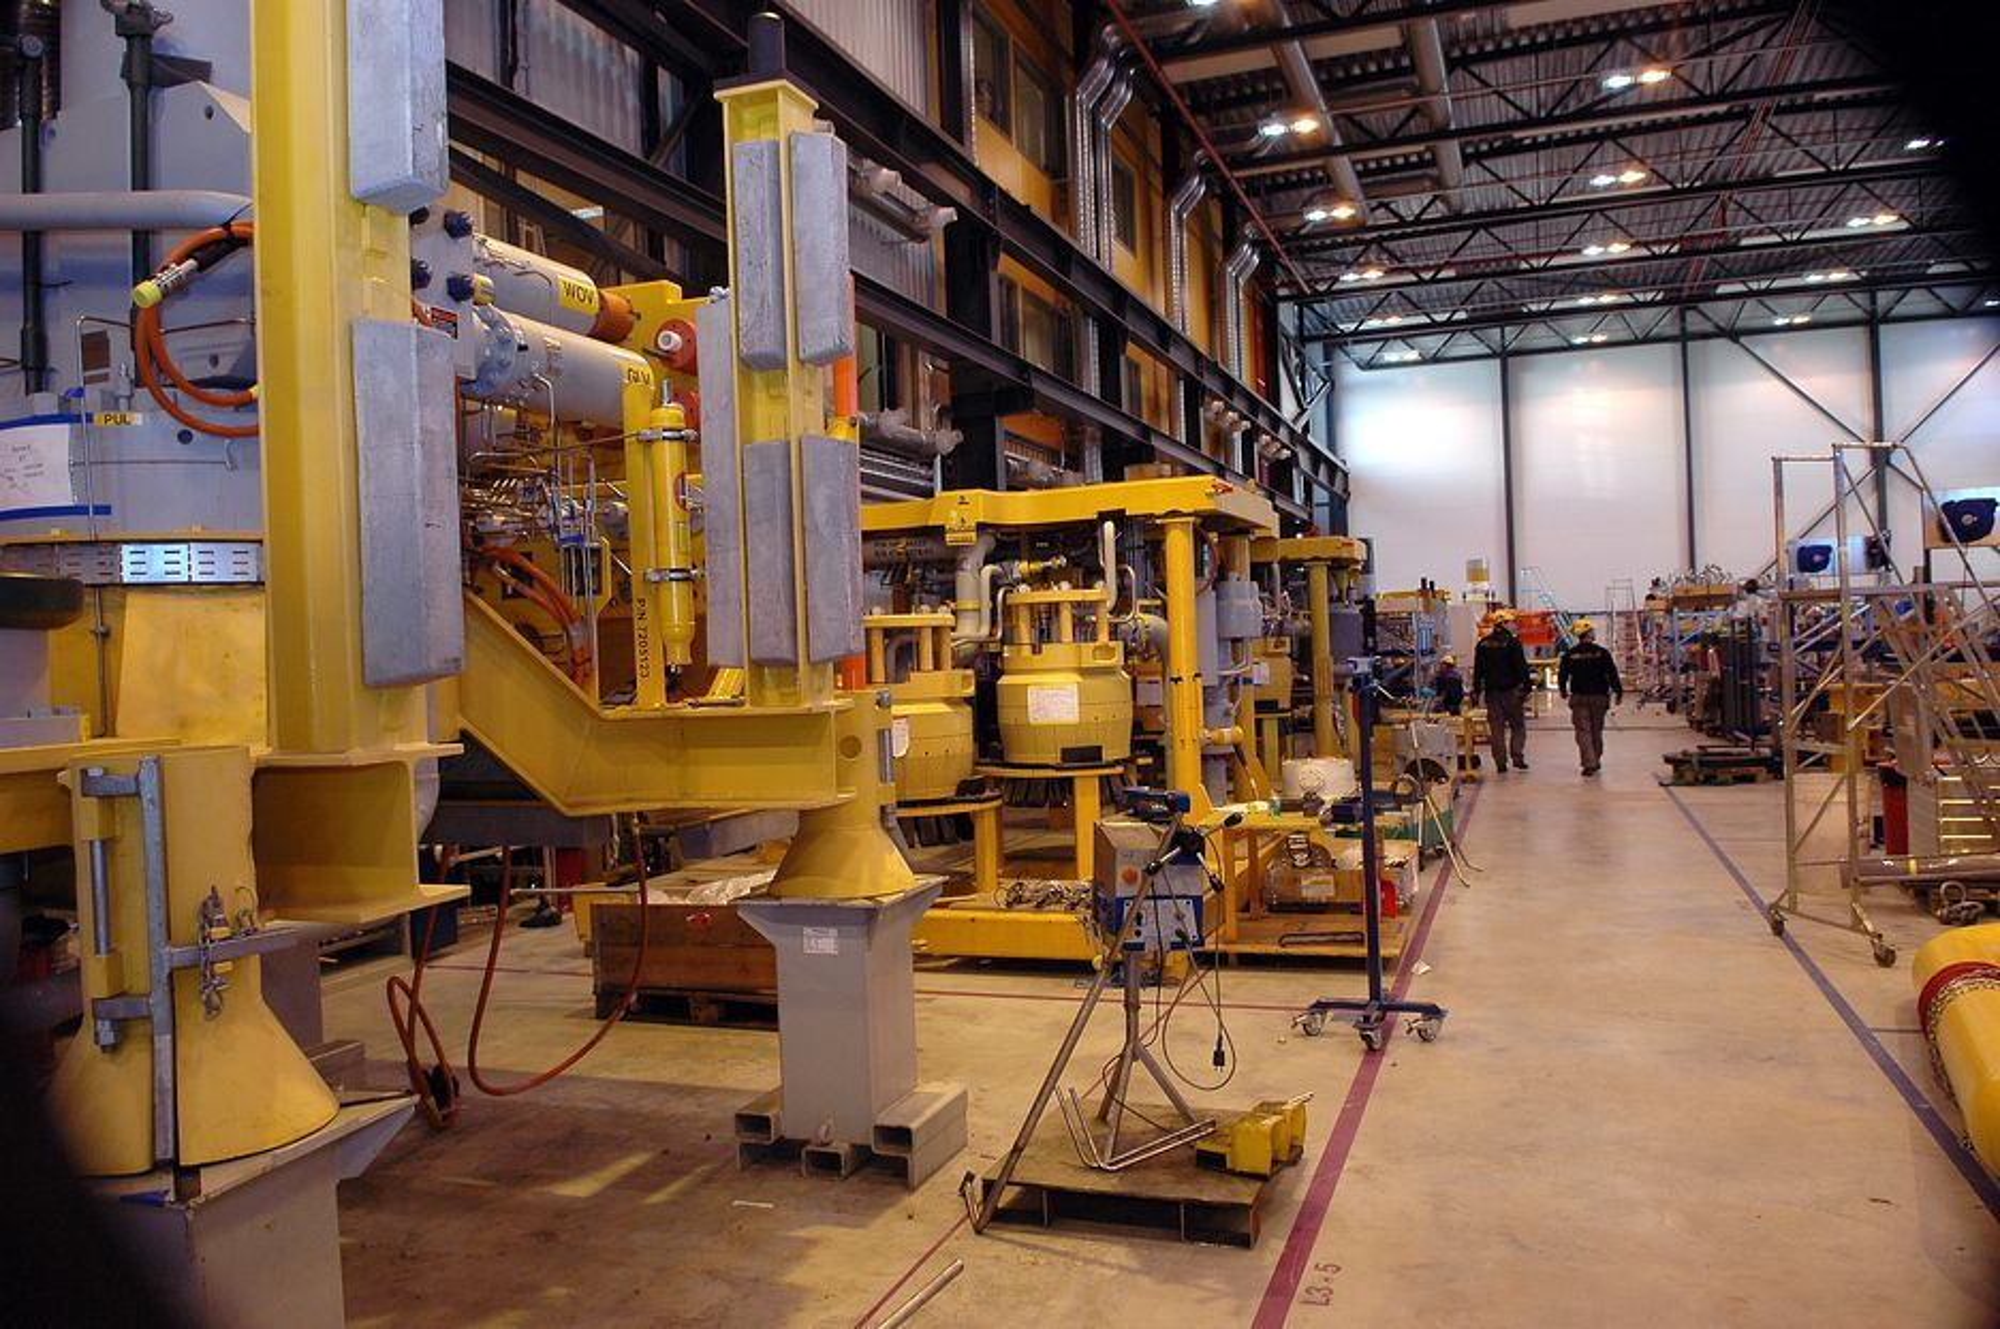 STORKONTRAKT: Mye av utstyret til Pan Pandora skal produseres og monteres på FMCs verksted i Kongsberg.